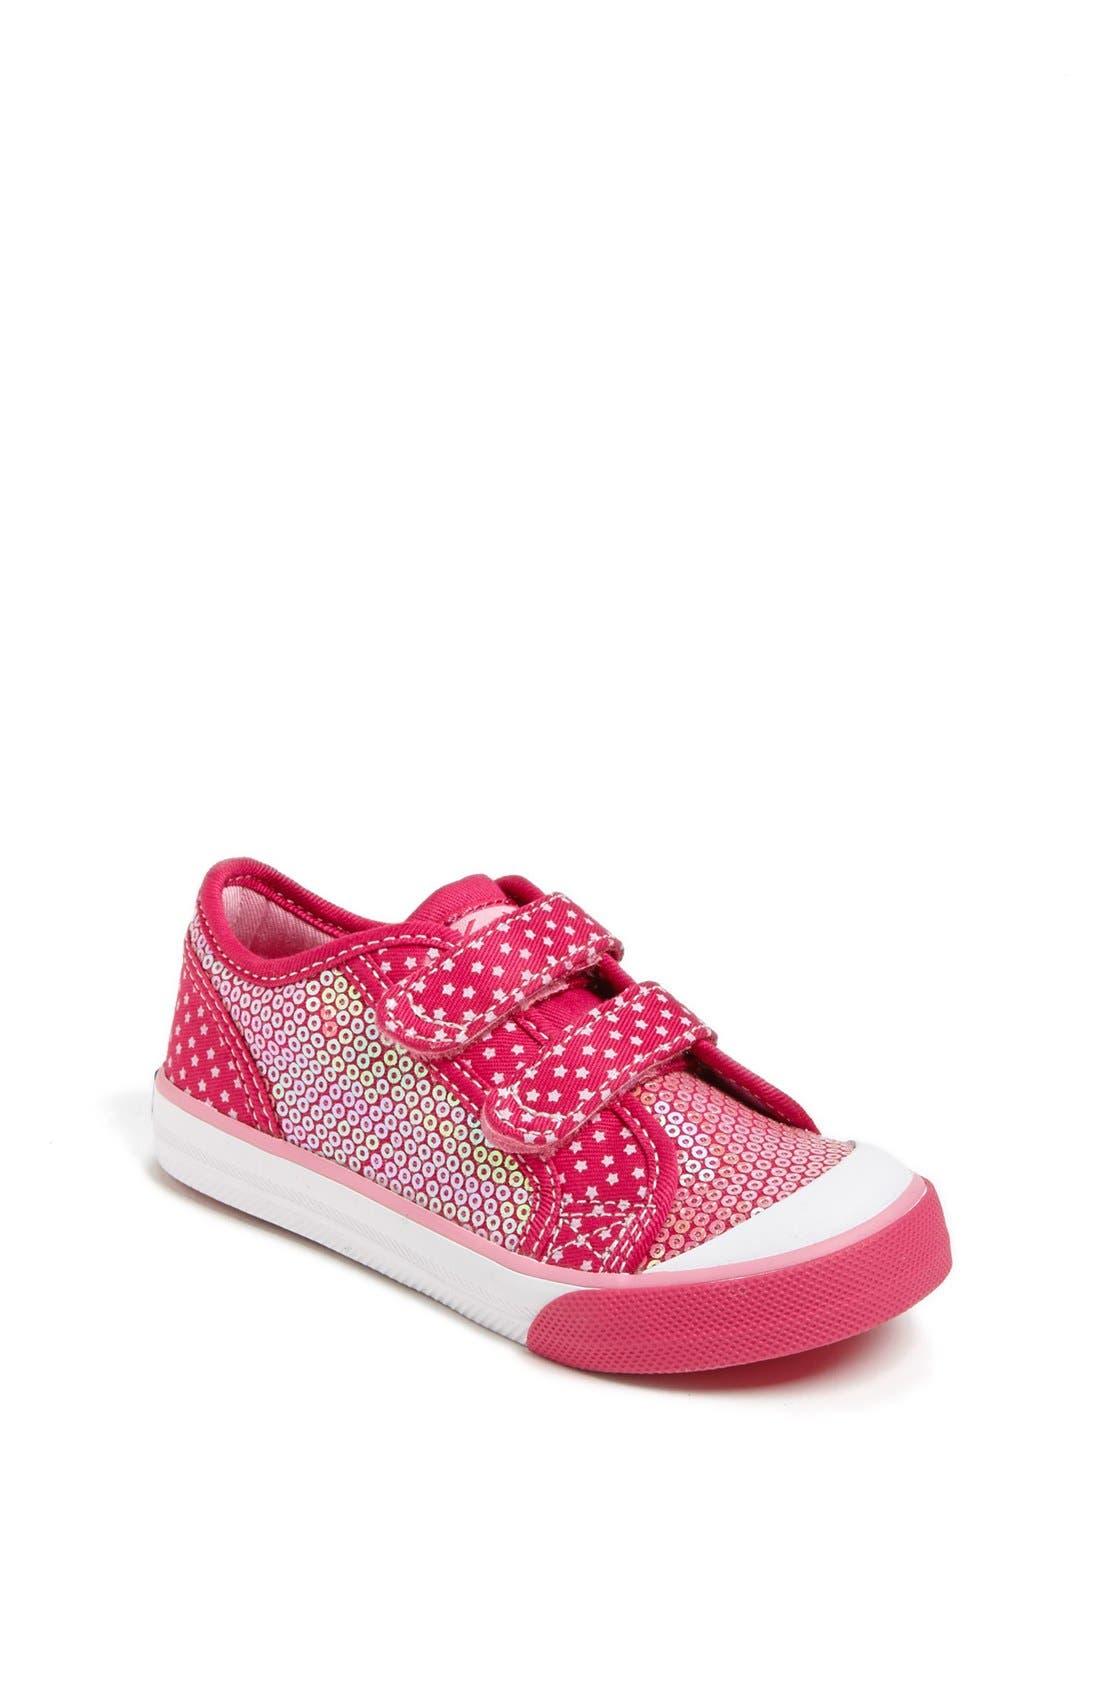 Main Image - Keds® 'Sparklynne' Sneaker (Walker & Toddler)